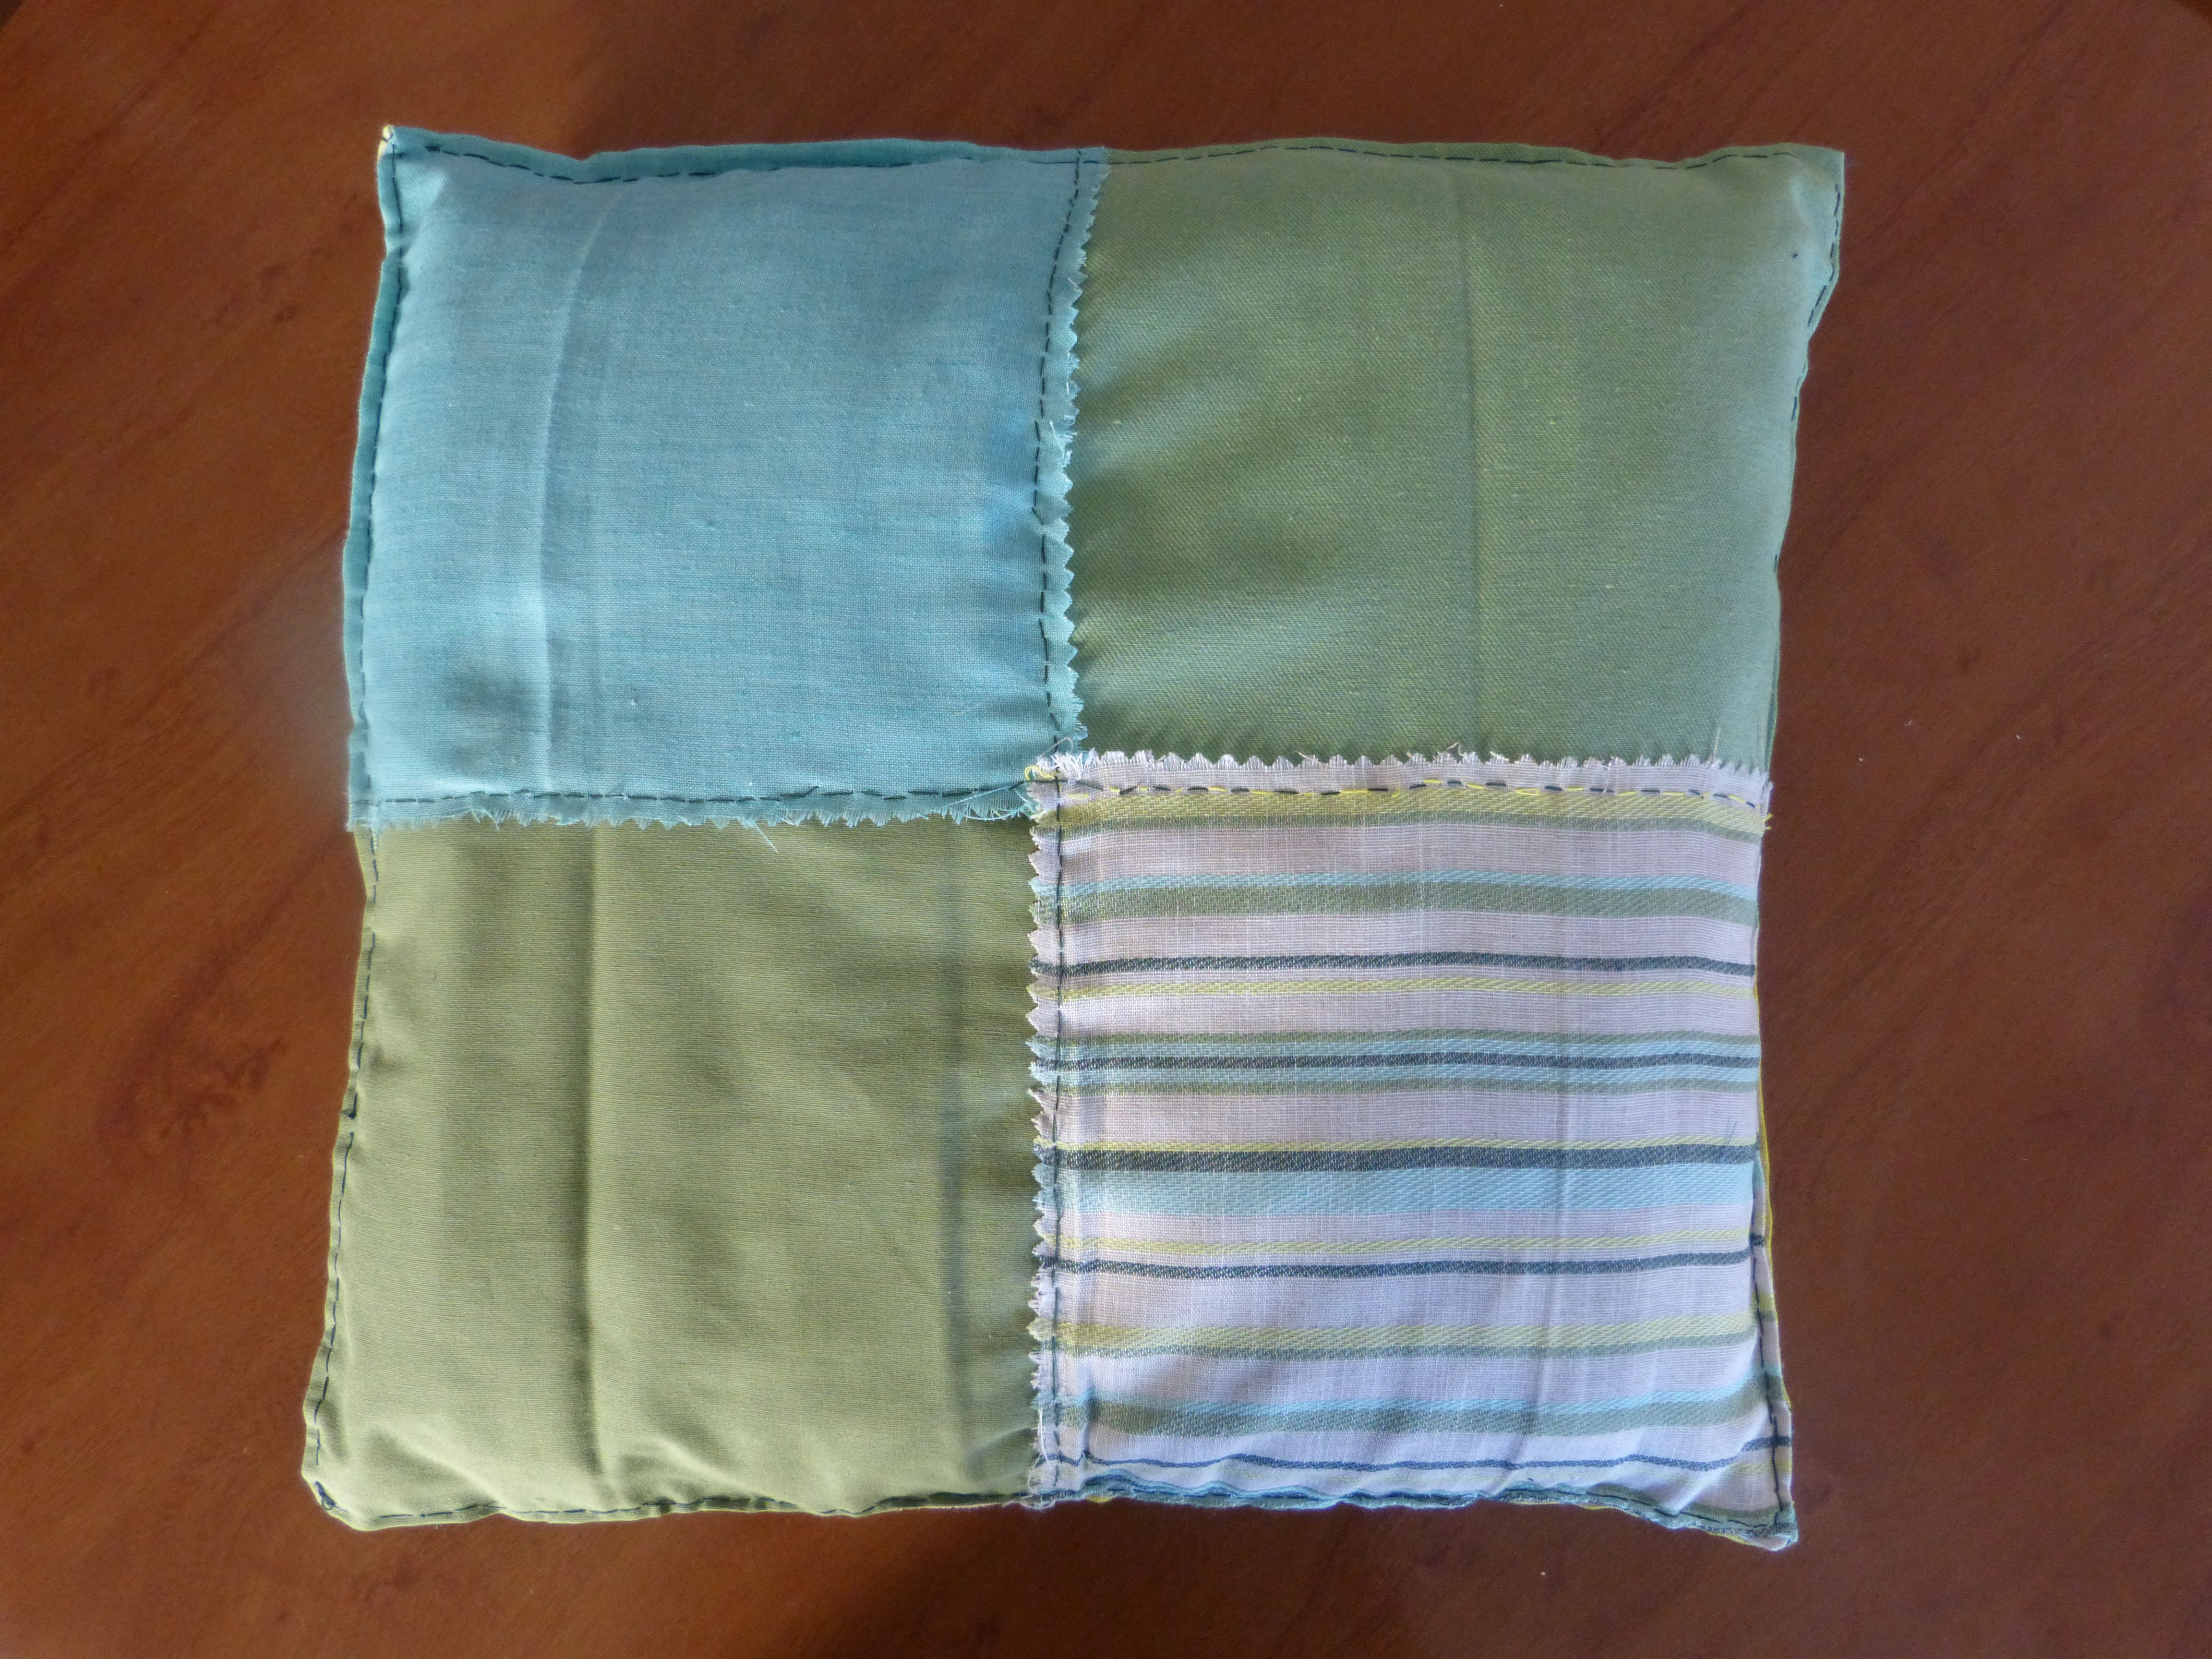 Más colores para cojines con telas recicladas. | Mis reciclajes